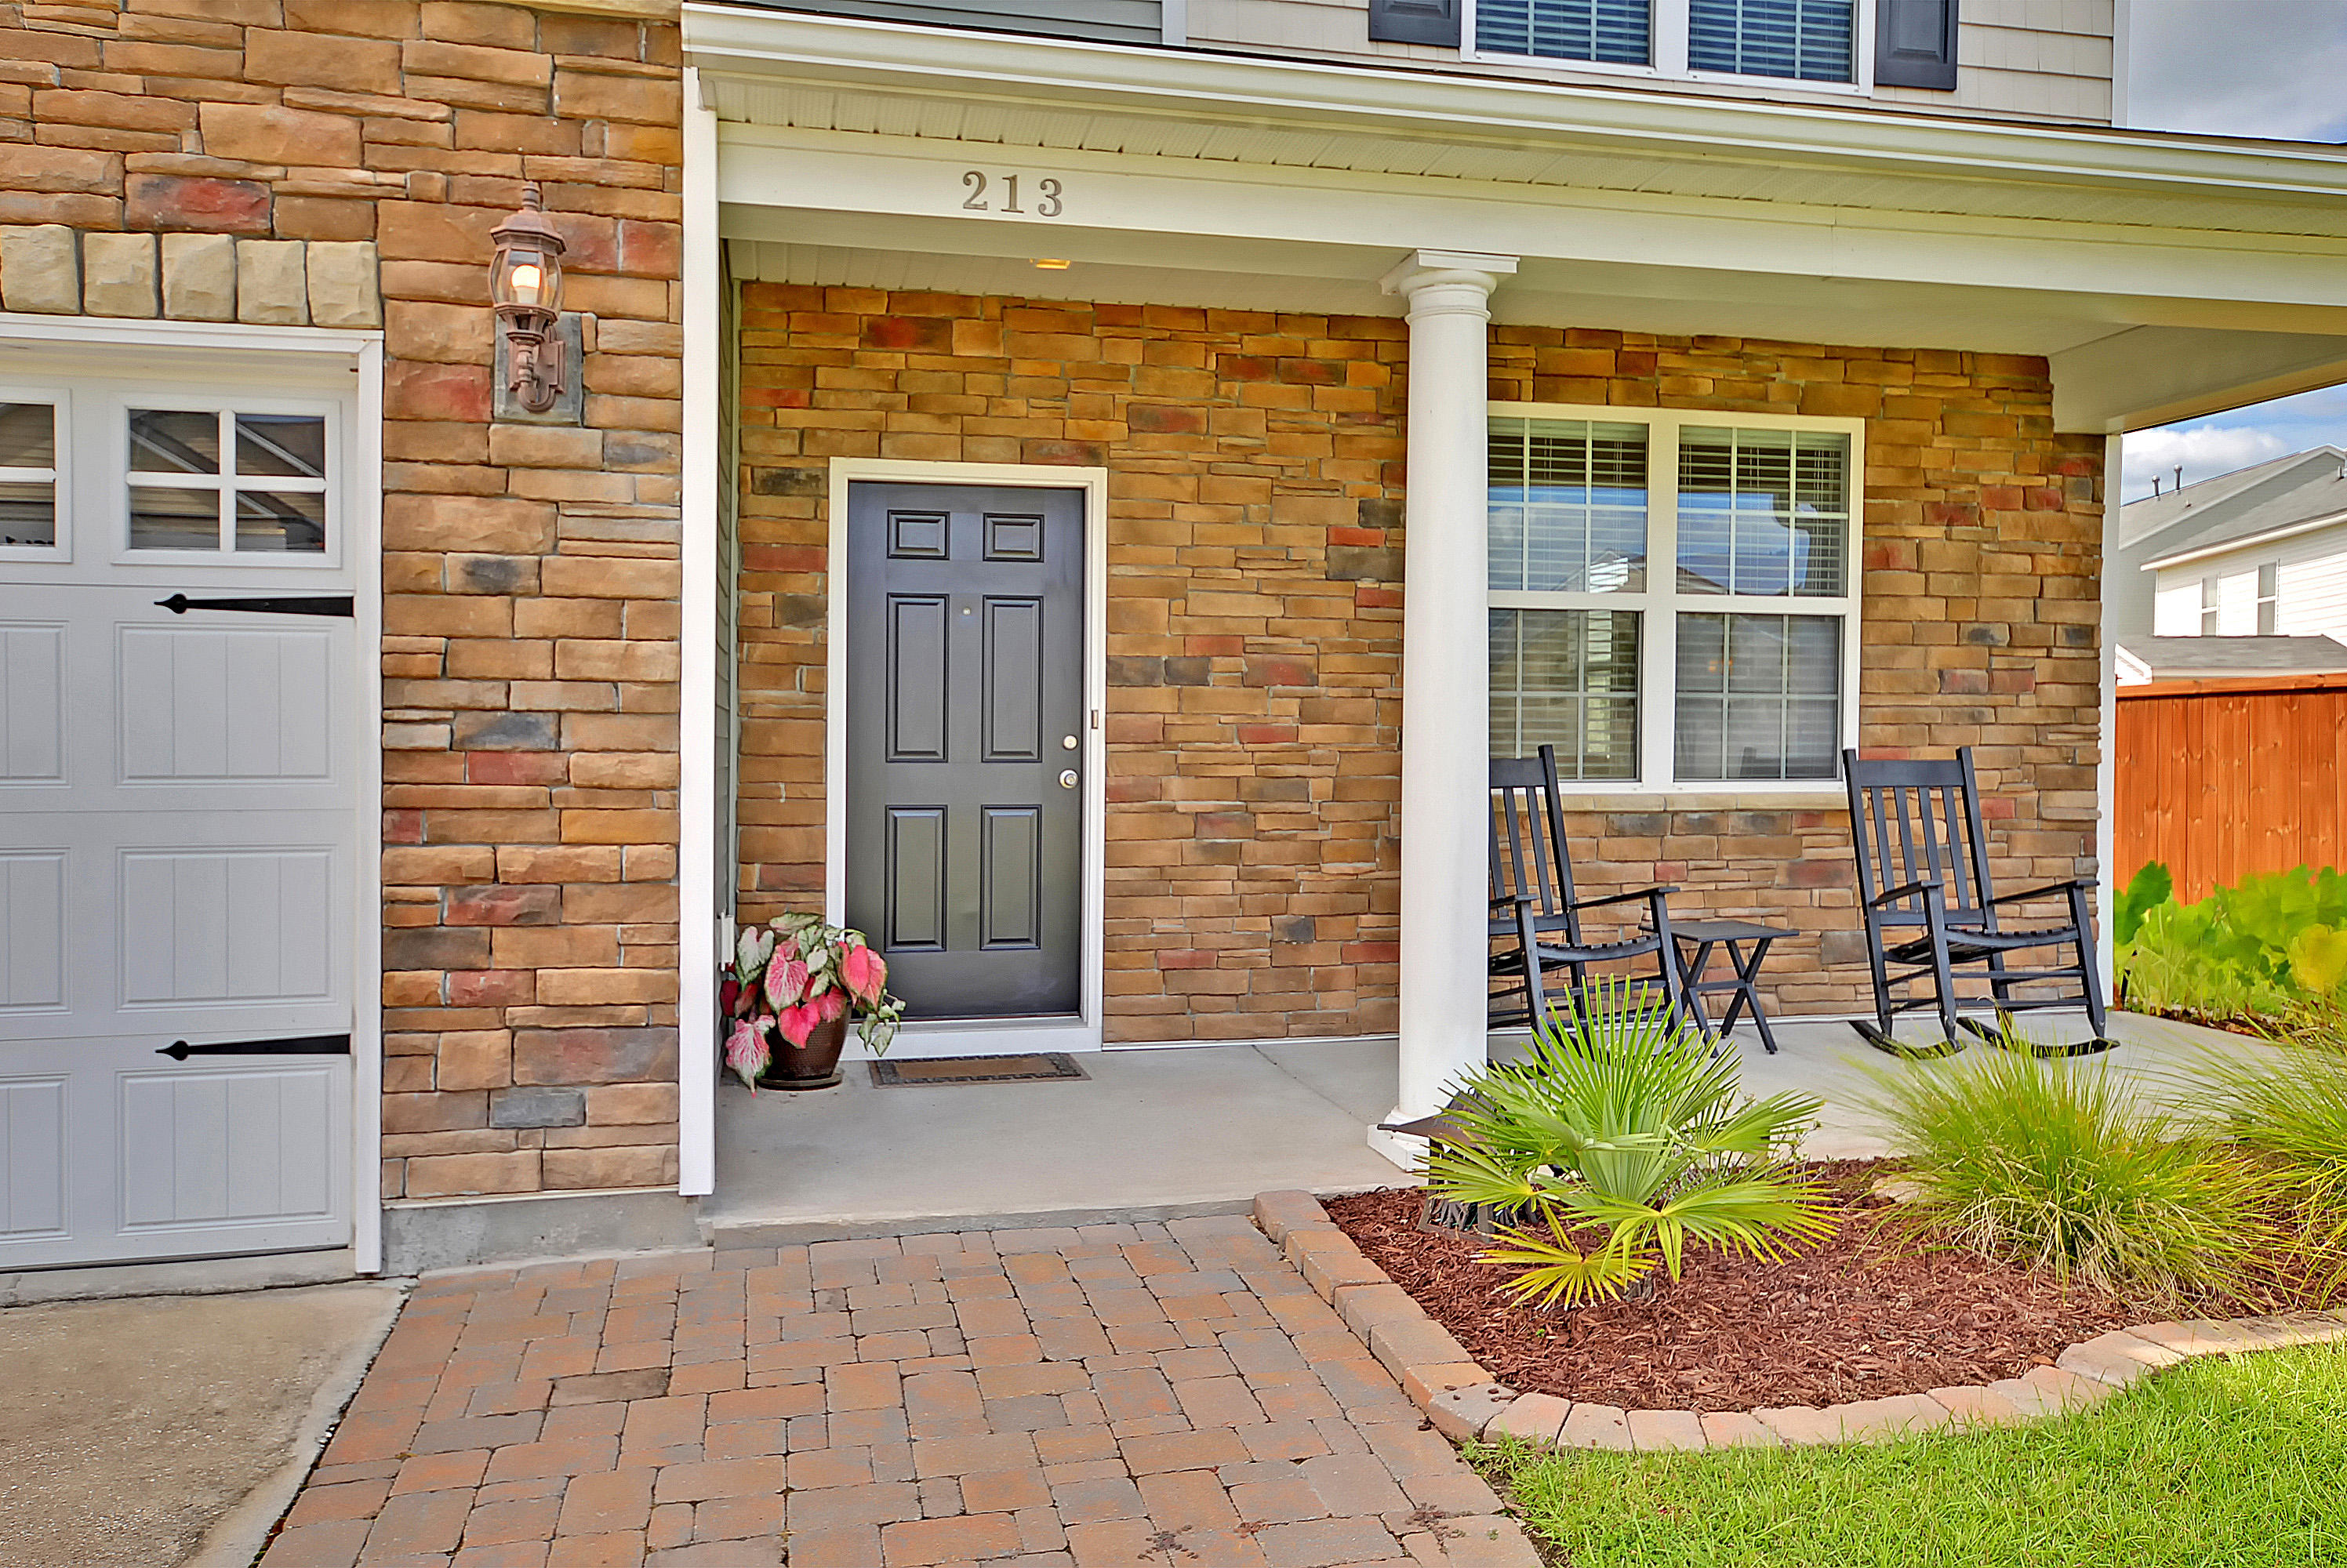 Cane Bay Plantation Homes For Sale - 213 Decatur, Summerville, SC - 12